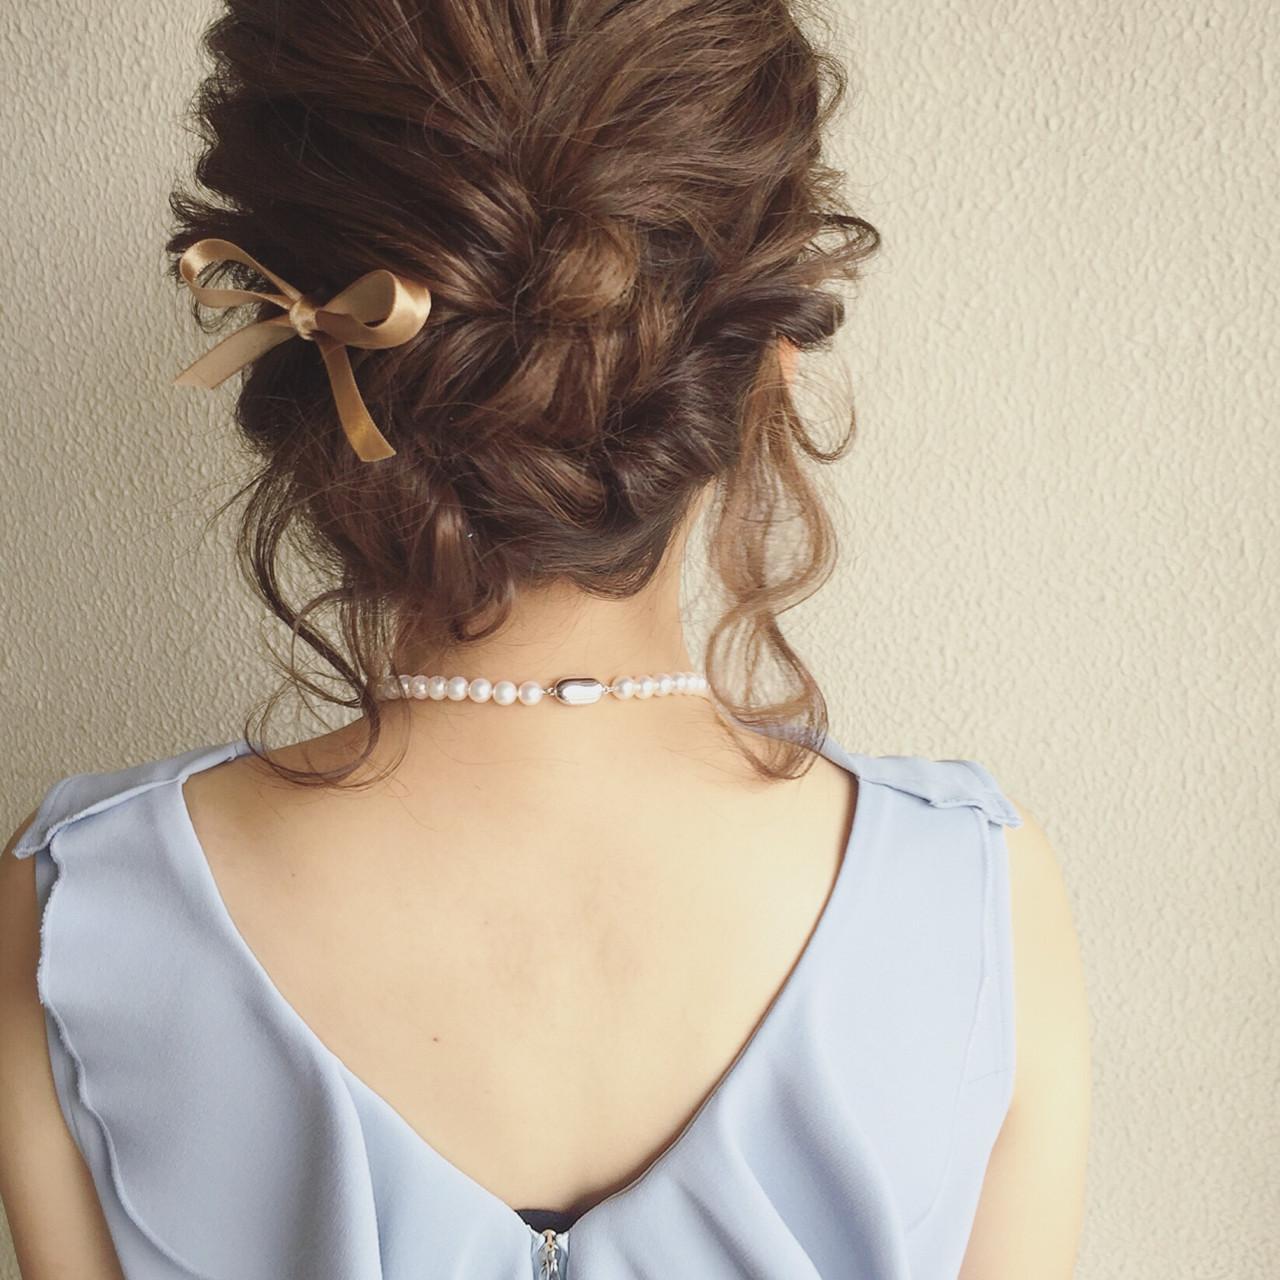 ロング ヘアアレンジ 結婚式 二次会 ヘアスタイルや髪型の写真・画像